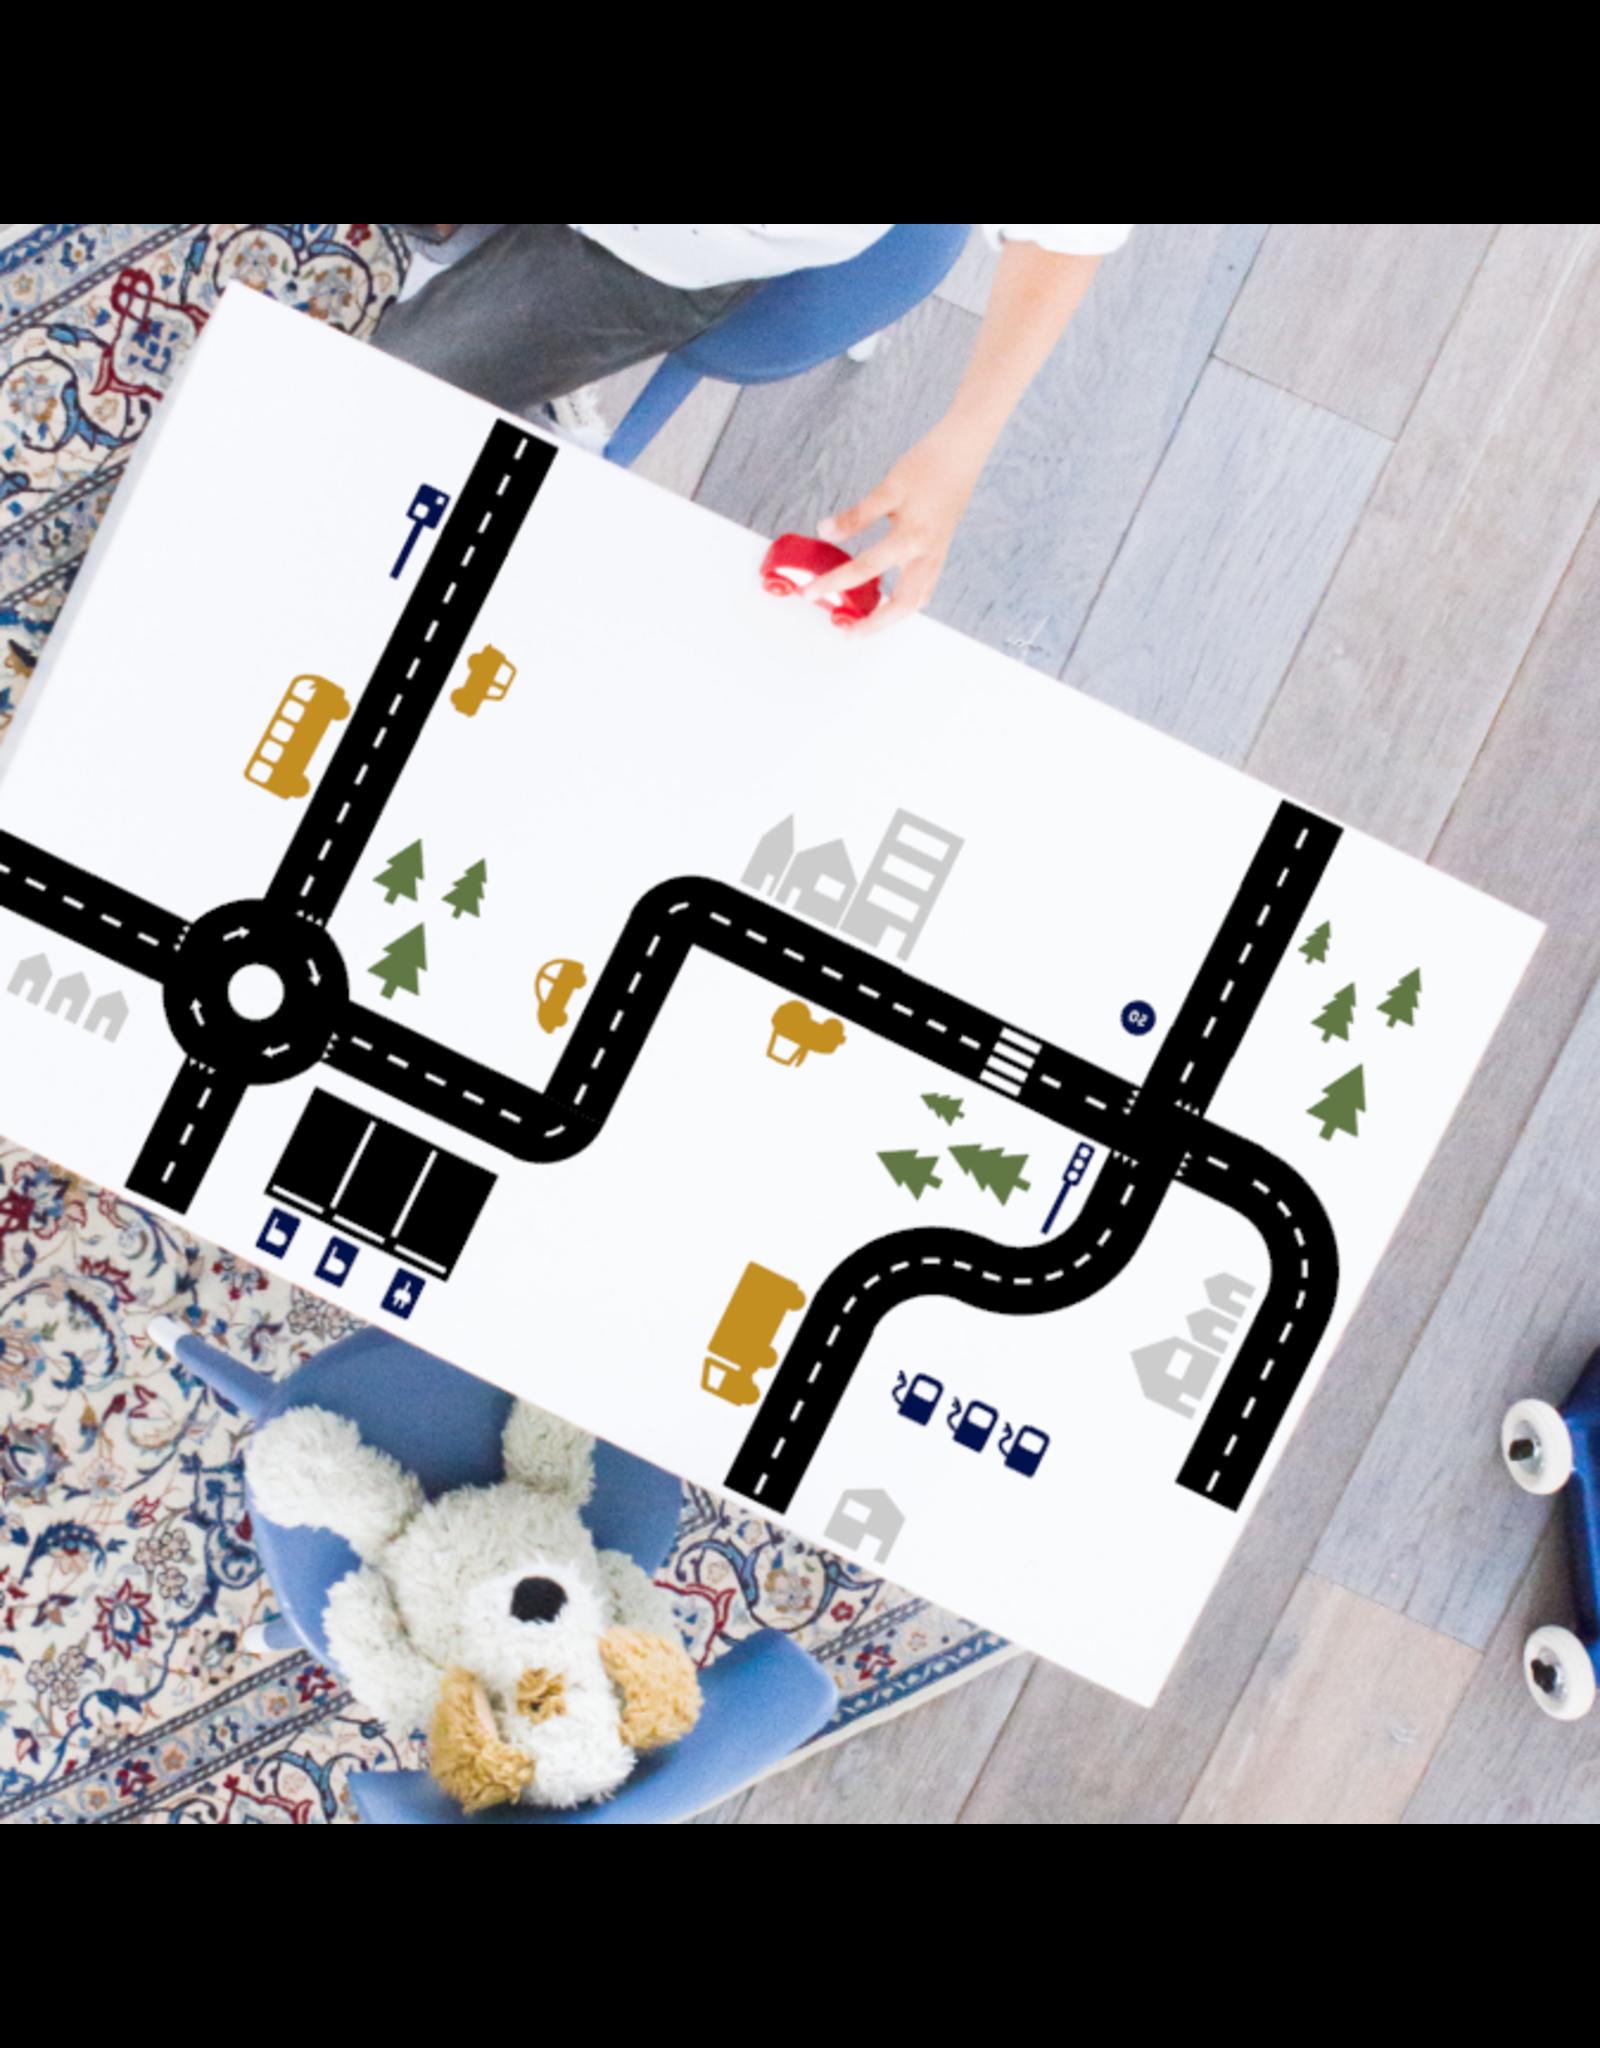 Studio Jong Sticky roads - voordeelset gekleurd